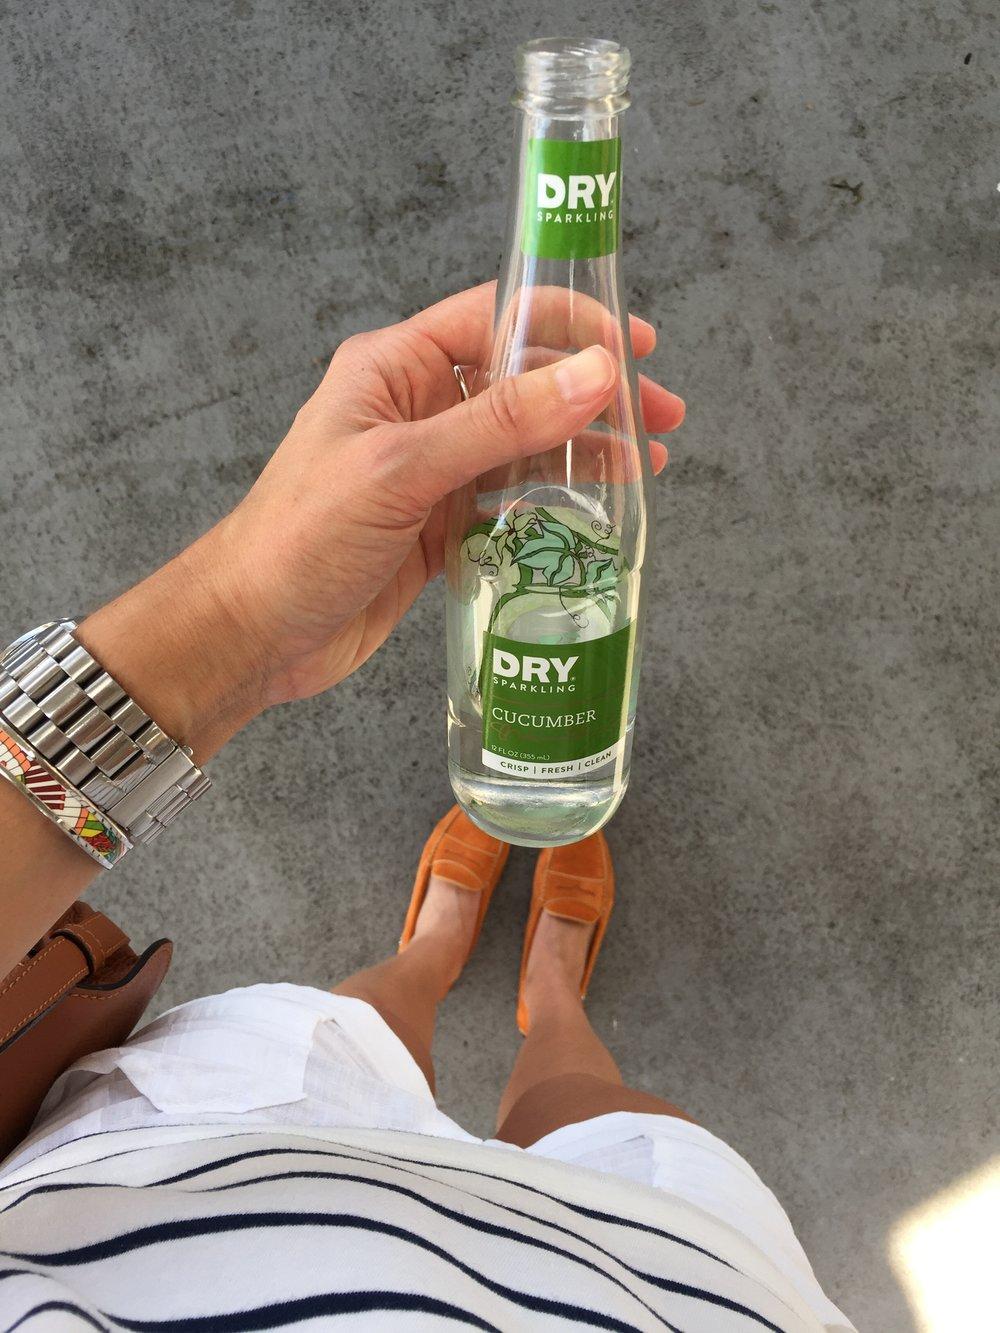 Dry-Sparkling-Soda-Cucumber-Lauren-Schwaiger-style-Blog.jpg